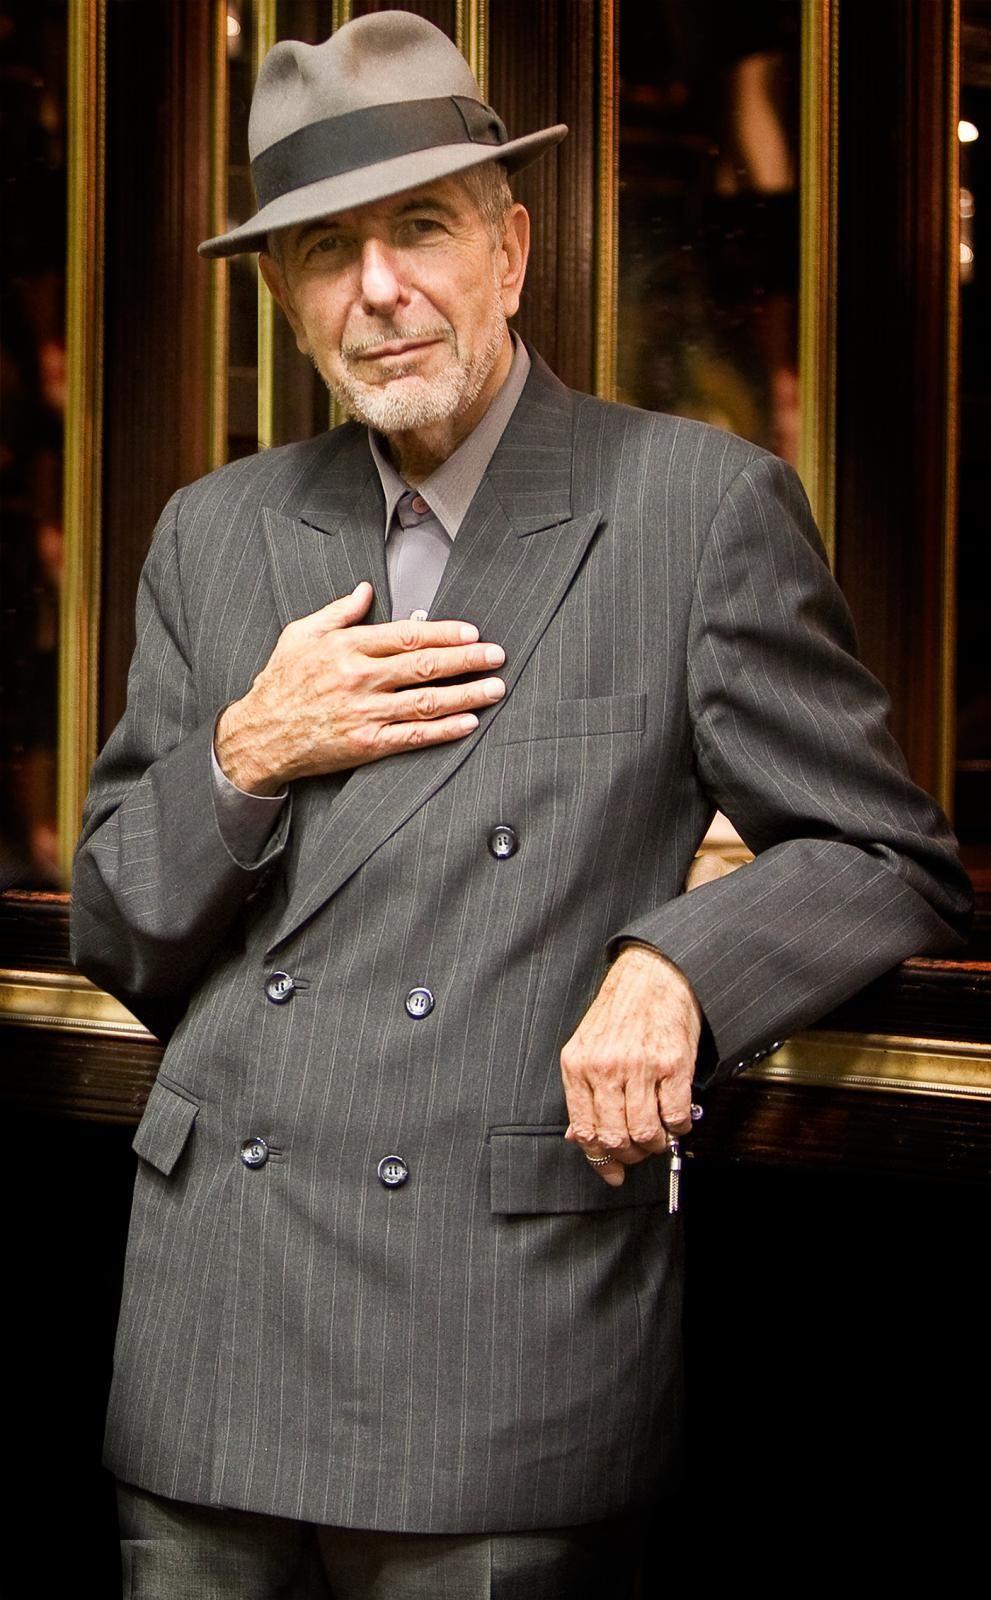 MELUSINE.H — gregorygalloway Leonard Cohen (21 September